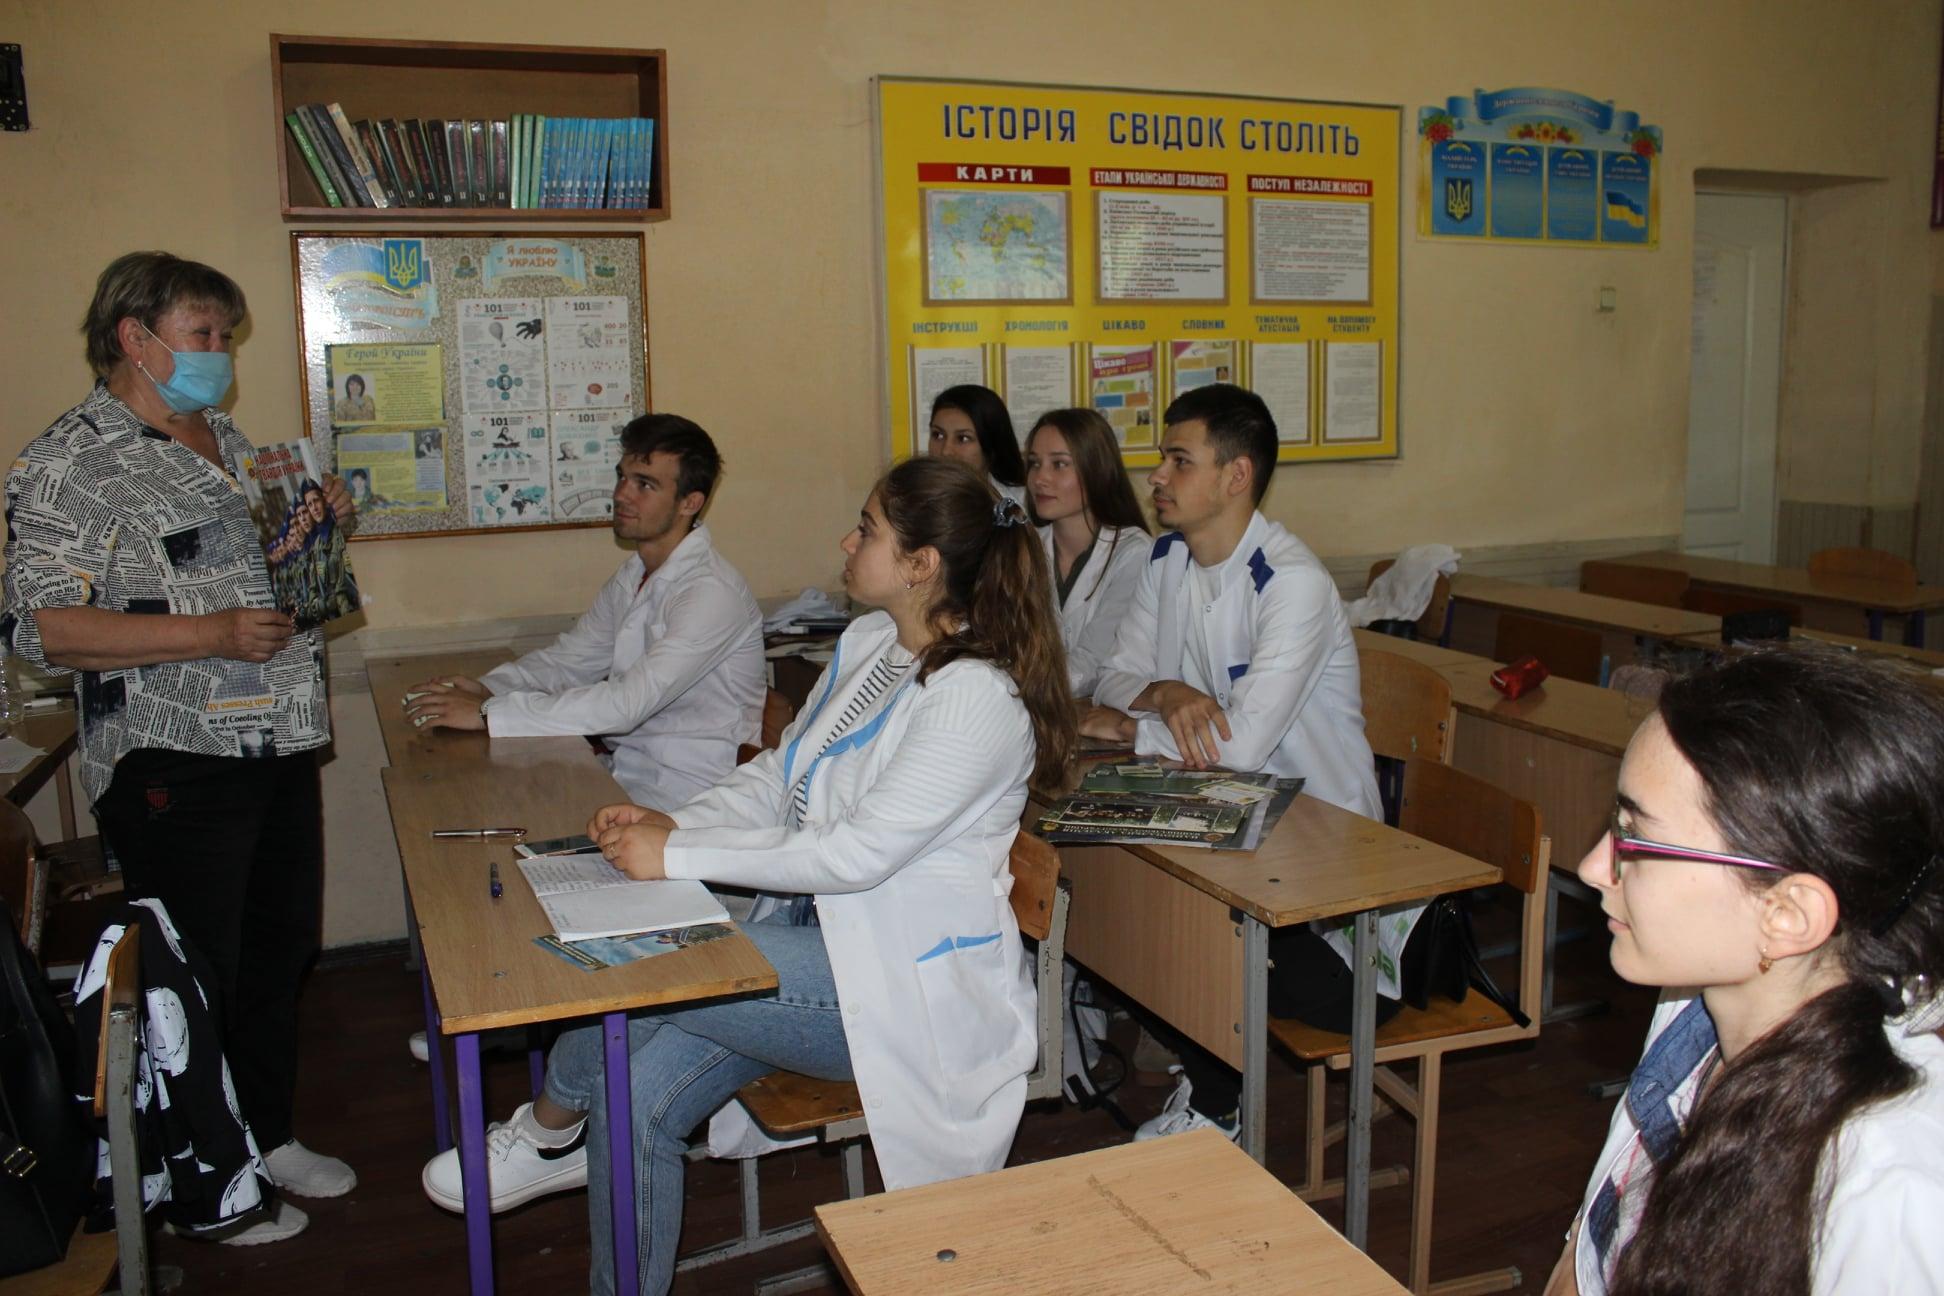 Студенты Измаильского медучилища заинтересованы перспективой службы в Нацгвардии